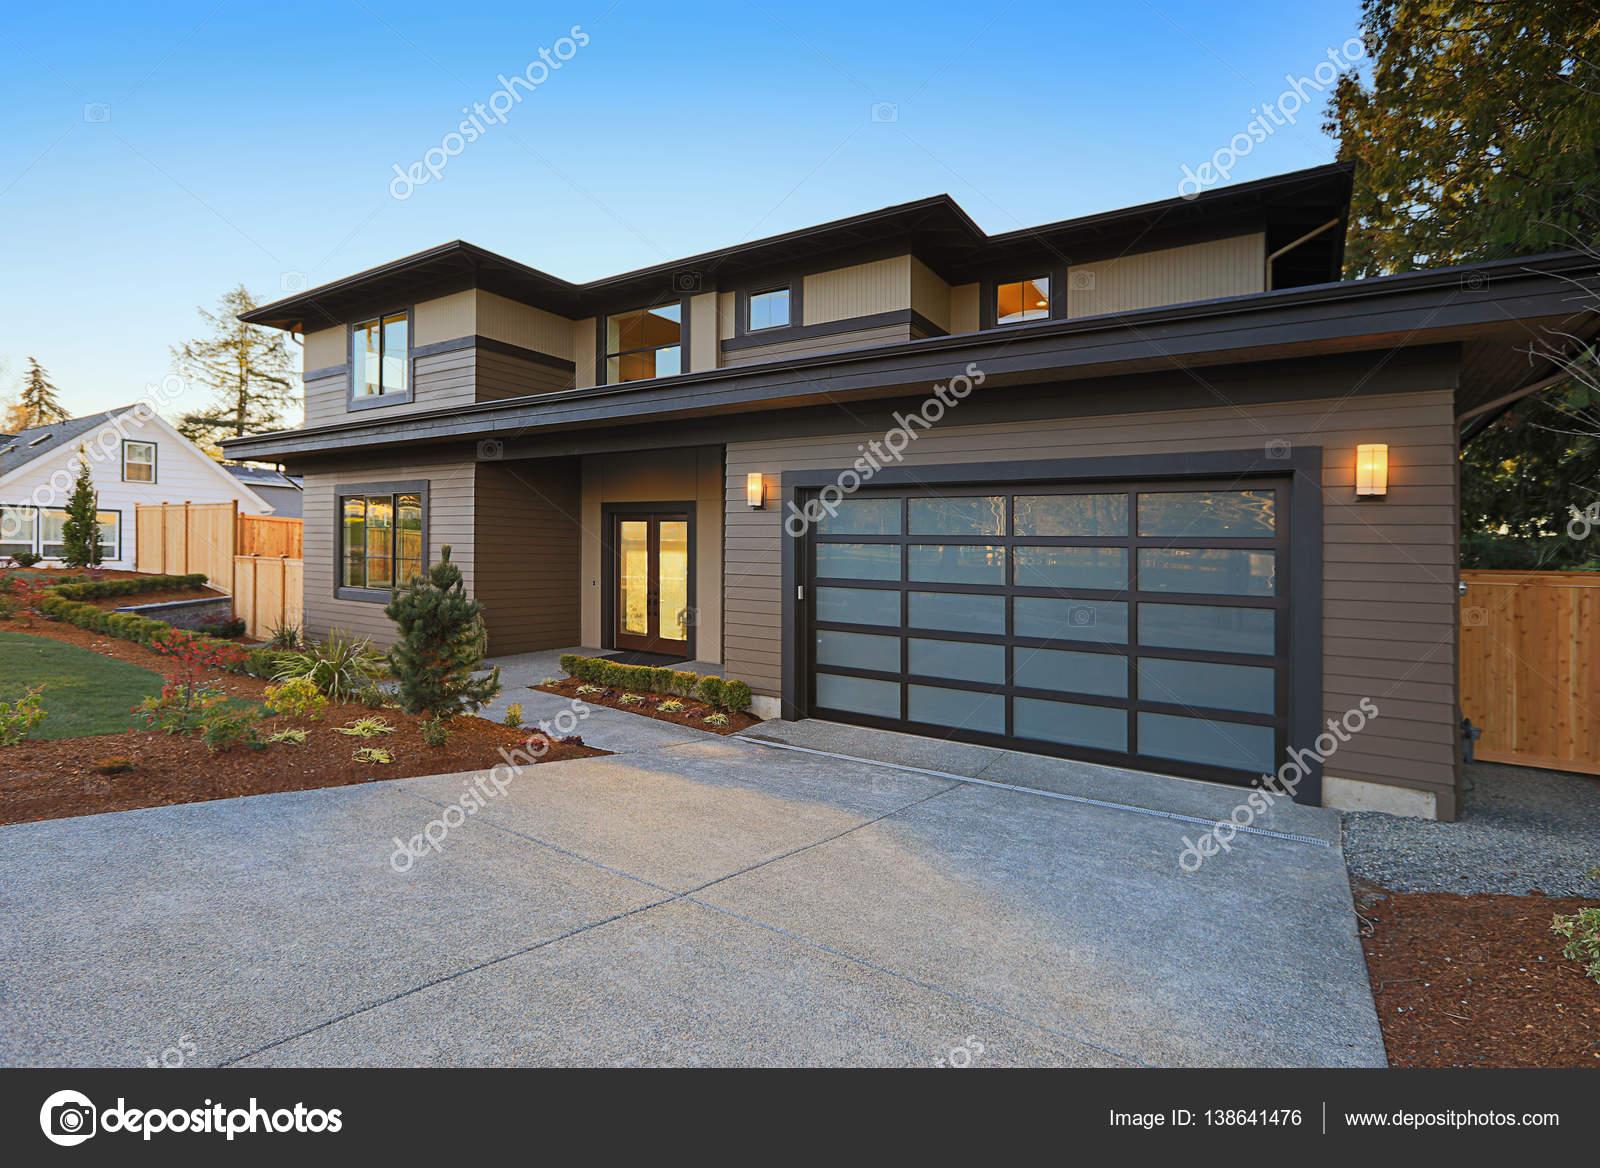 extrieur maison nouvelle construction avec maison contemporaine plan caractristiques faible pente toit marron parement et verre porte de garage